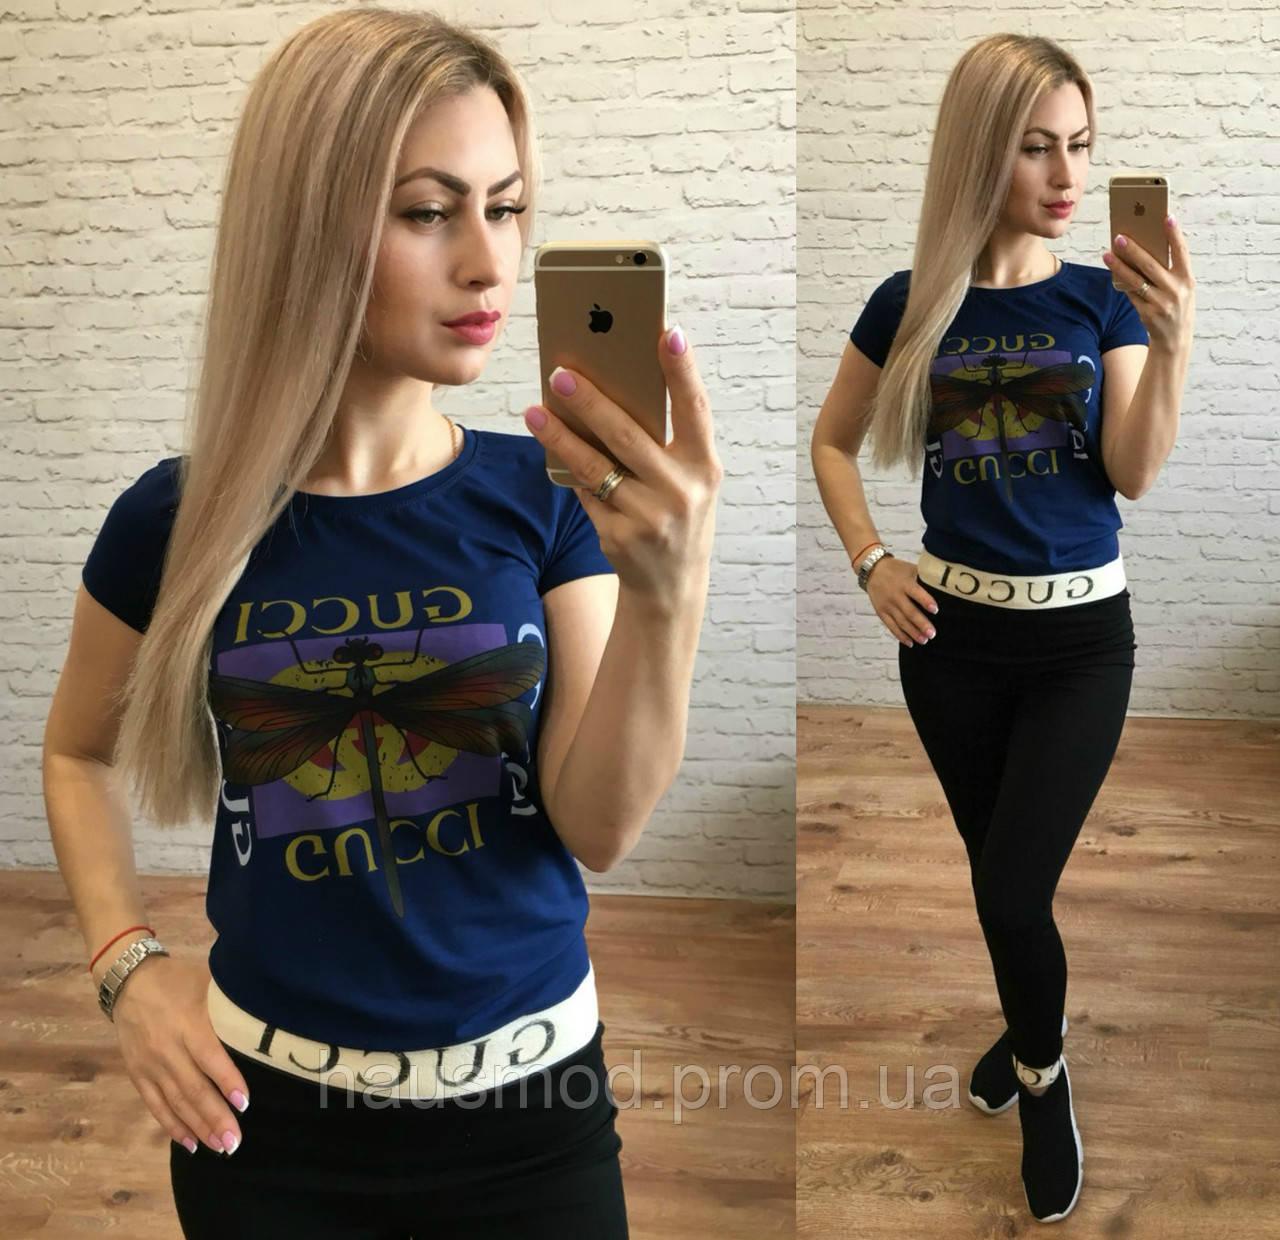 Женская стильная футболка реплика Gucci стрекоза темно-синий